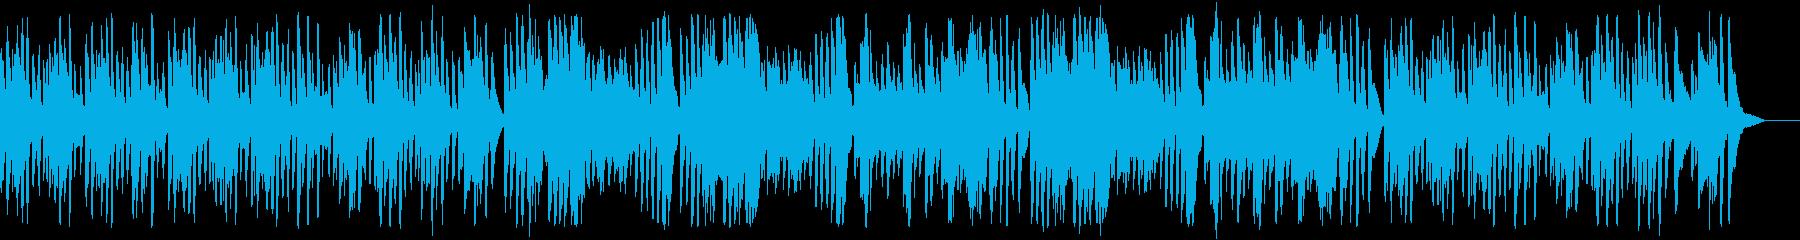 ガヴォット/ゴセック【ピアノソロ】の再生済みの波形